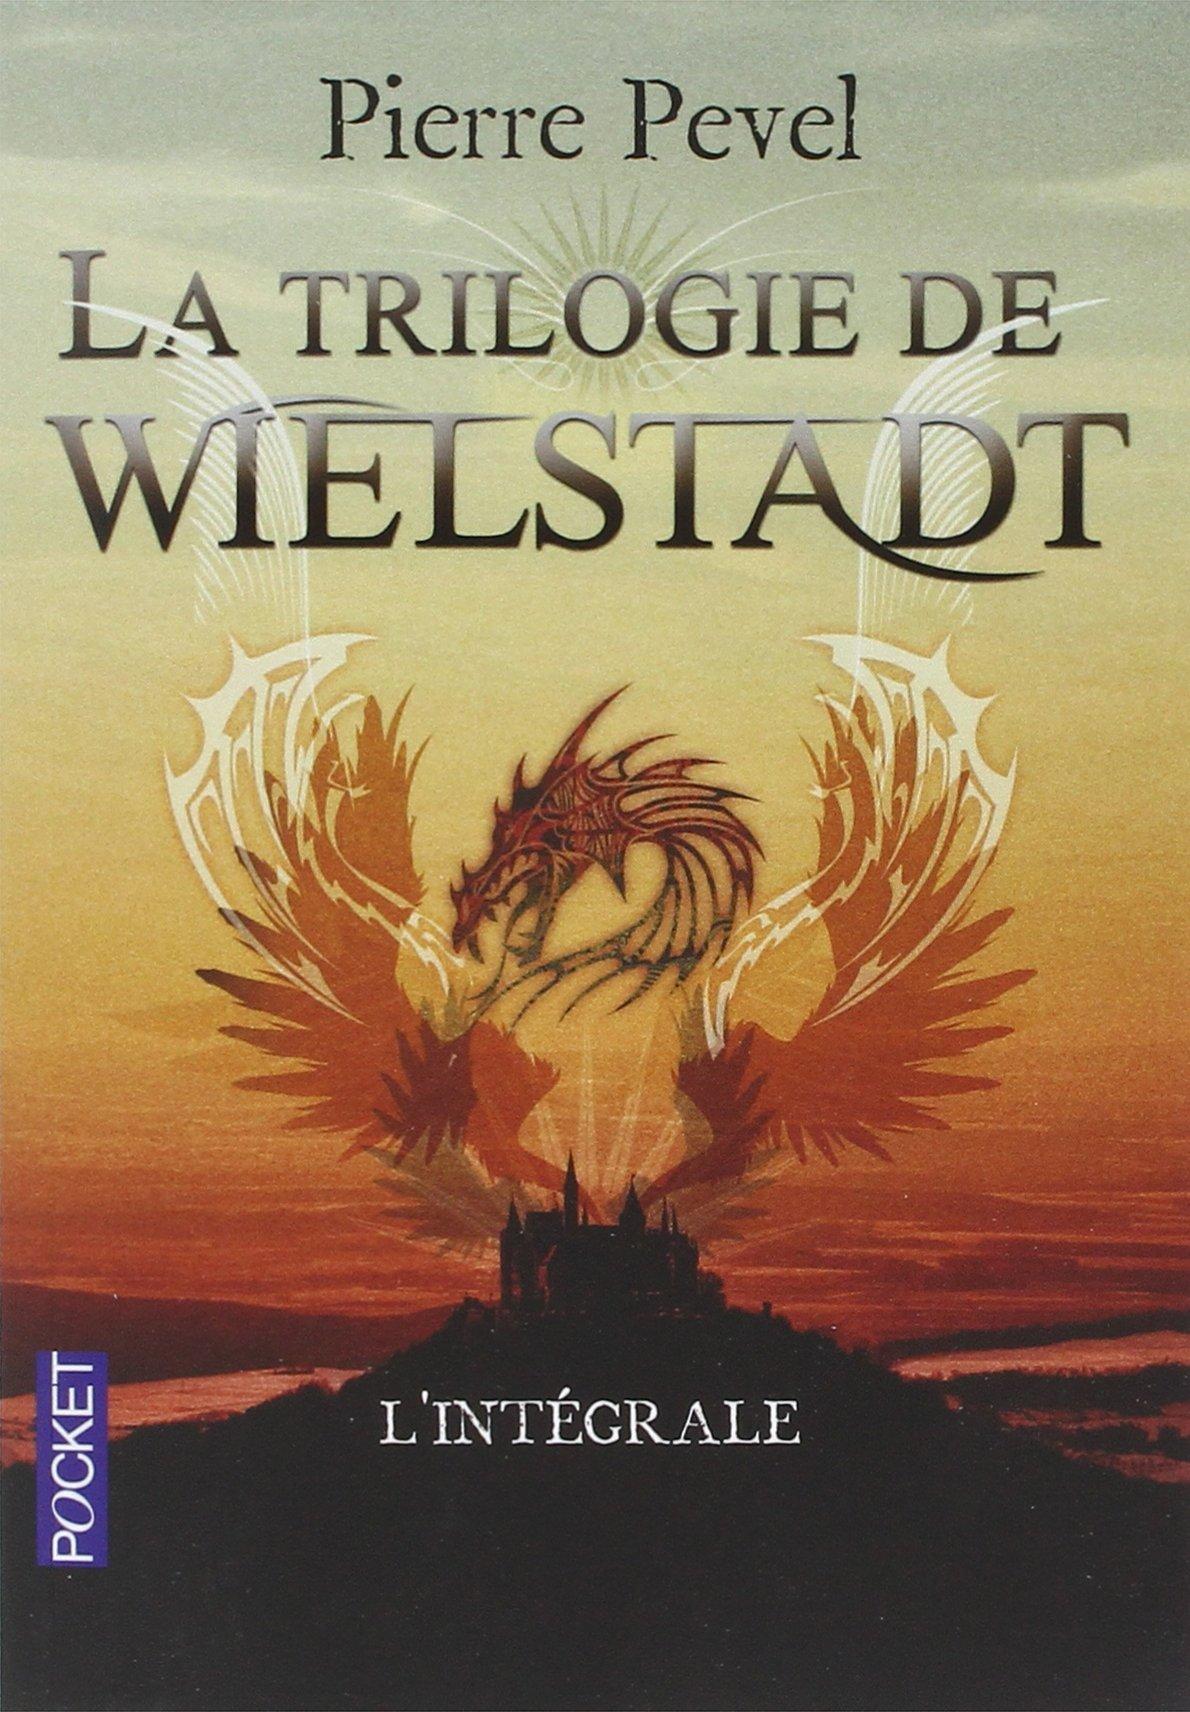 """Résultat de recherche d'images pour """"la trilogie de wielstadt"""""""